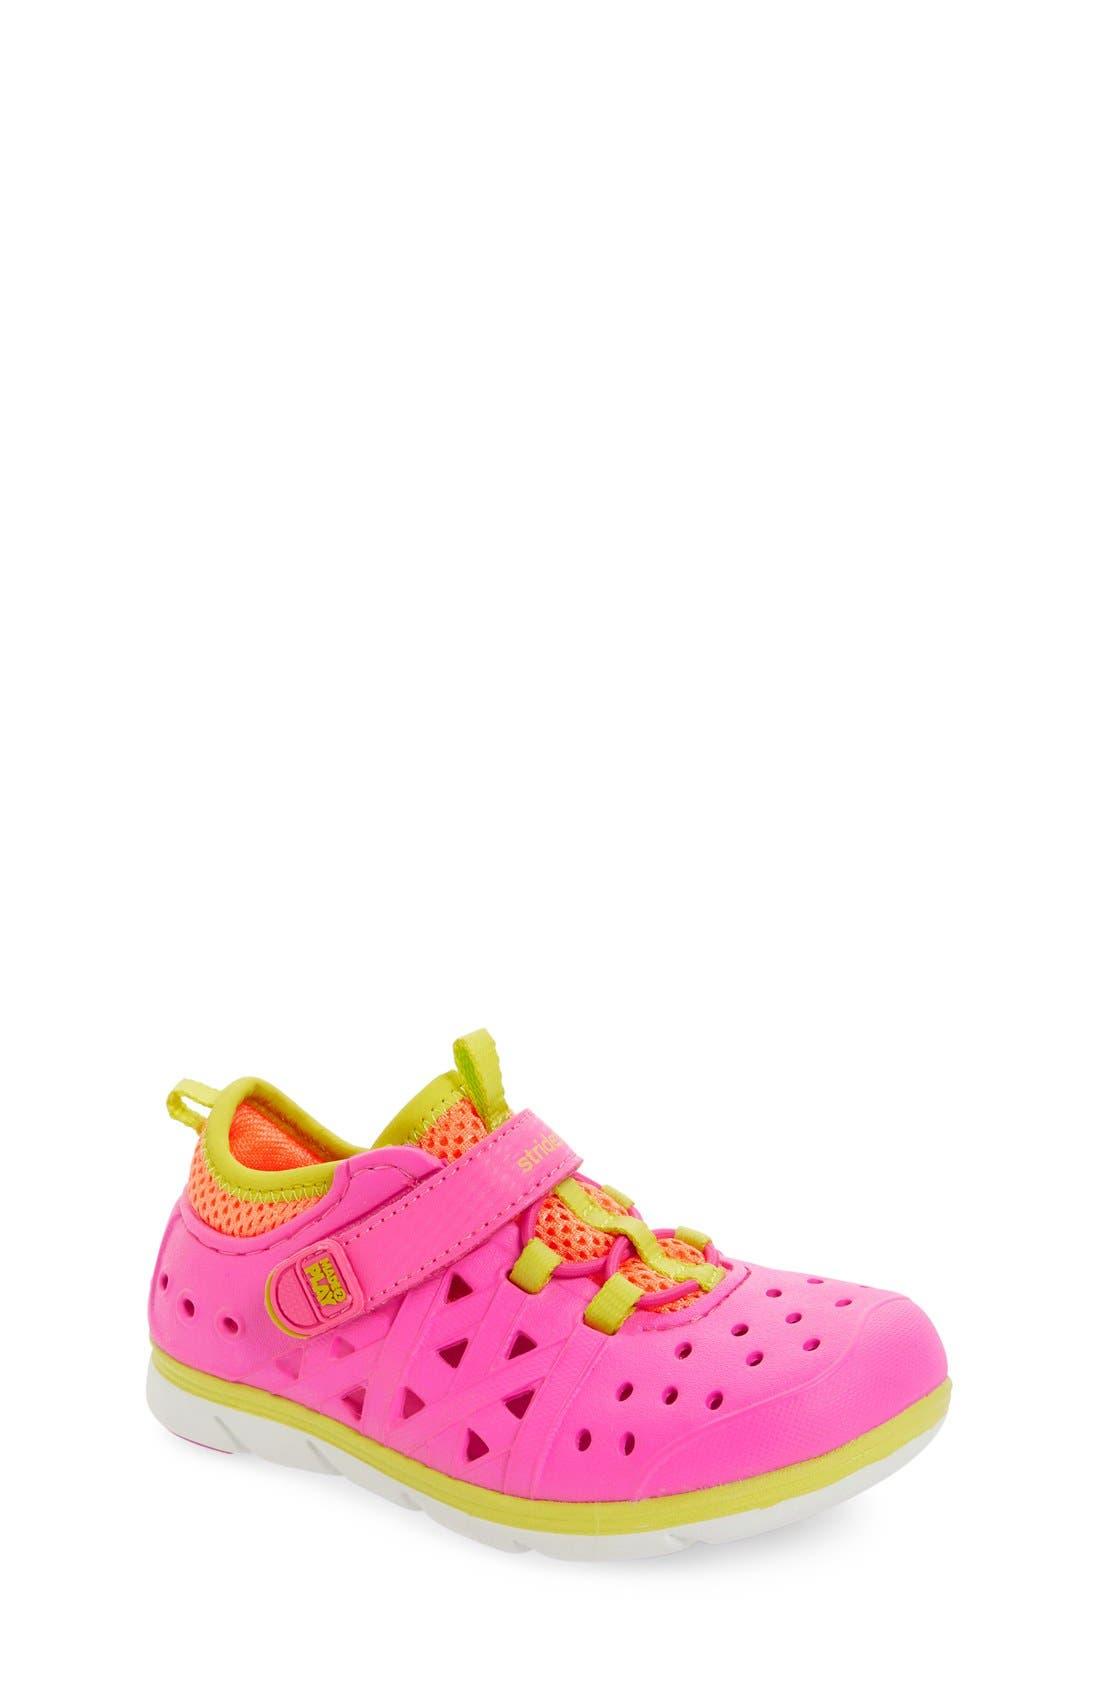 Stride Rite 'Made2Play® - Phibian' Sneaker (Baby, Walker, Toddler & Little Kid)